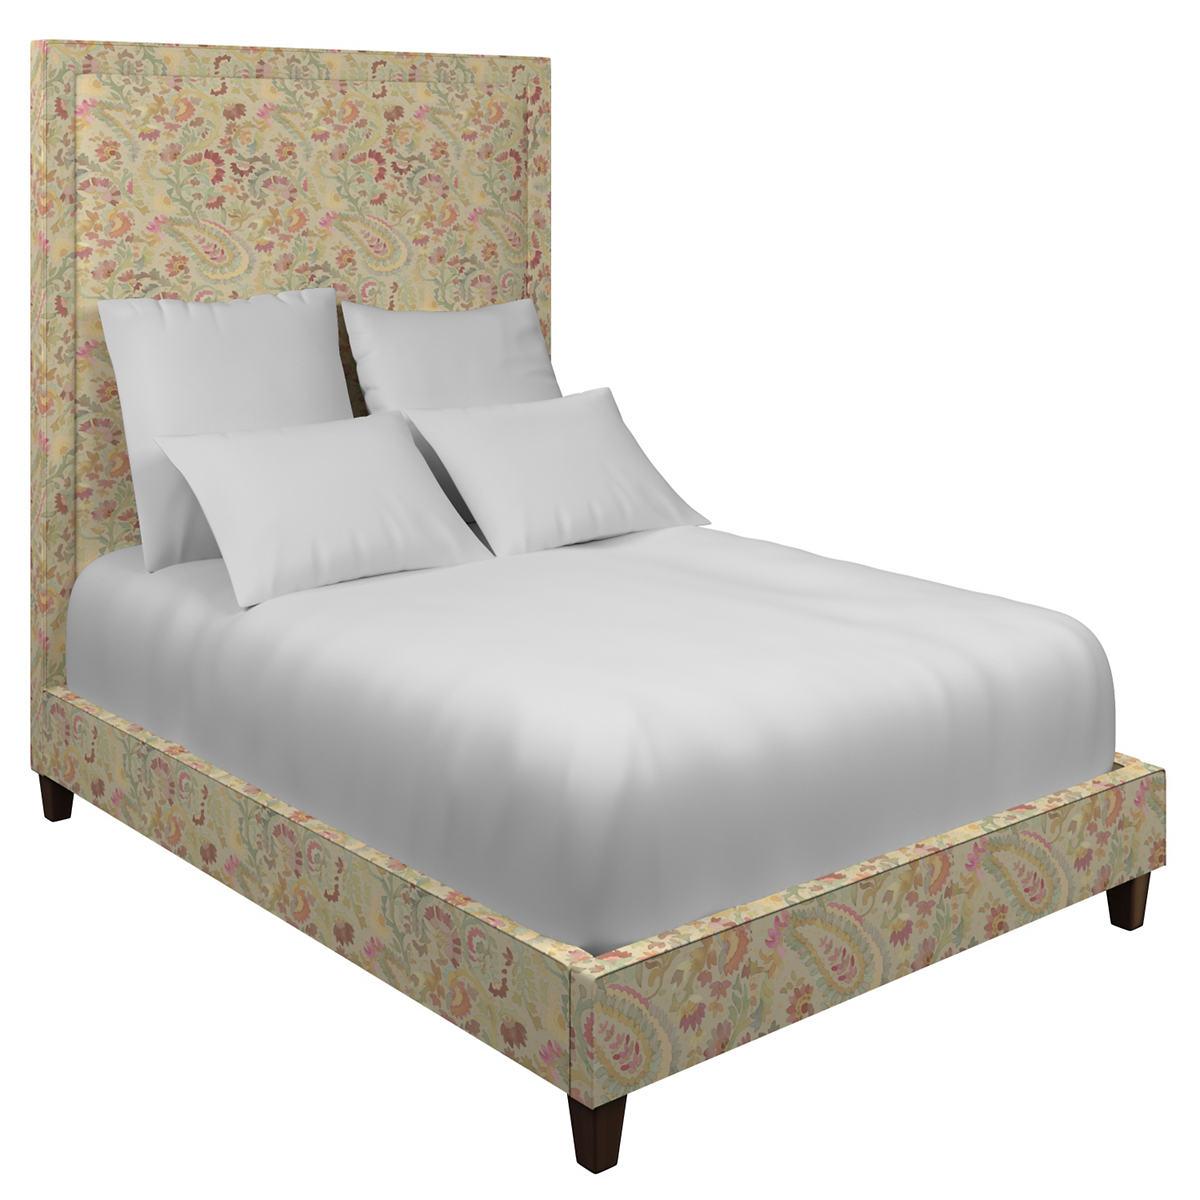 Ines Linen Stonington Bed